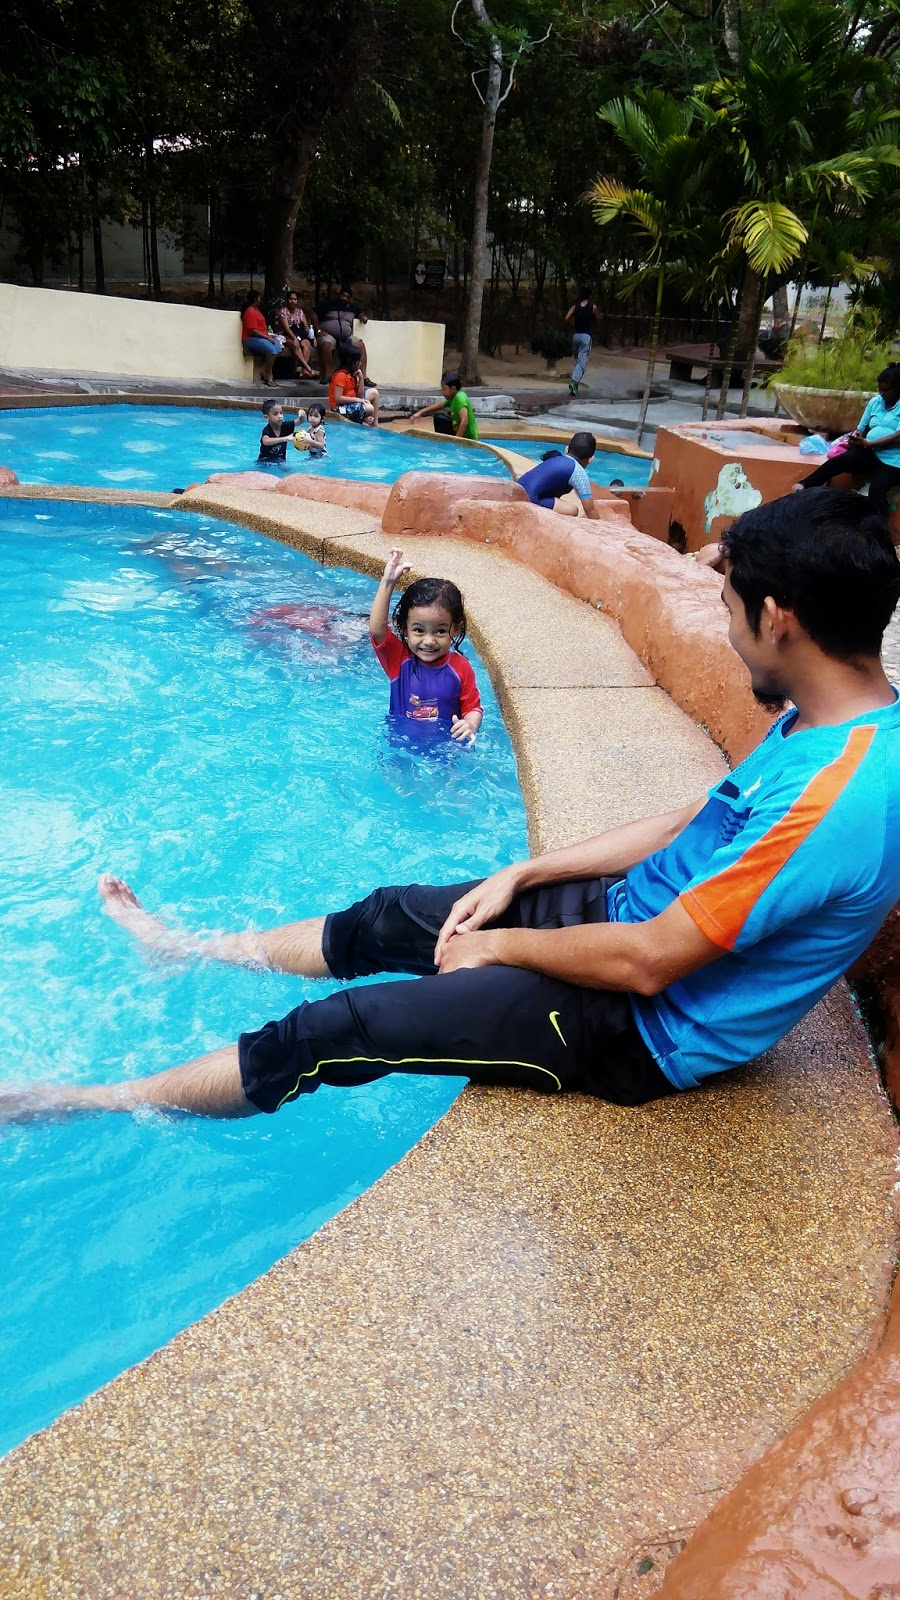 Cik Puteri, Kolam Air, mandi, kids, girl, taman belia, pulau pinang